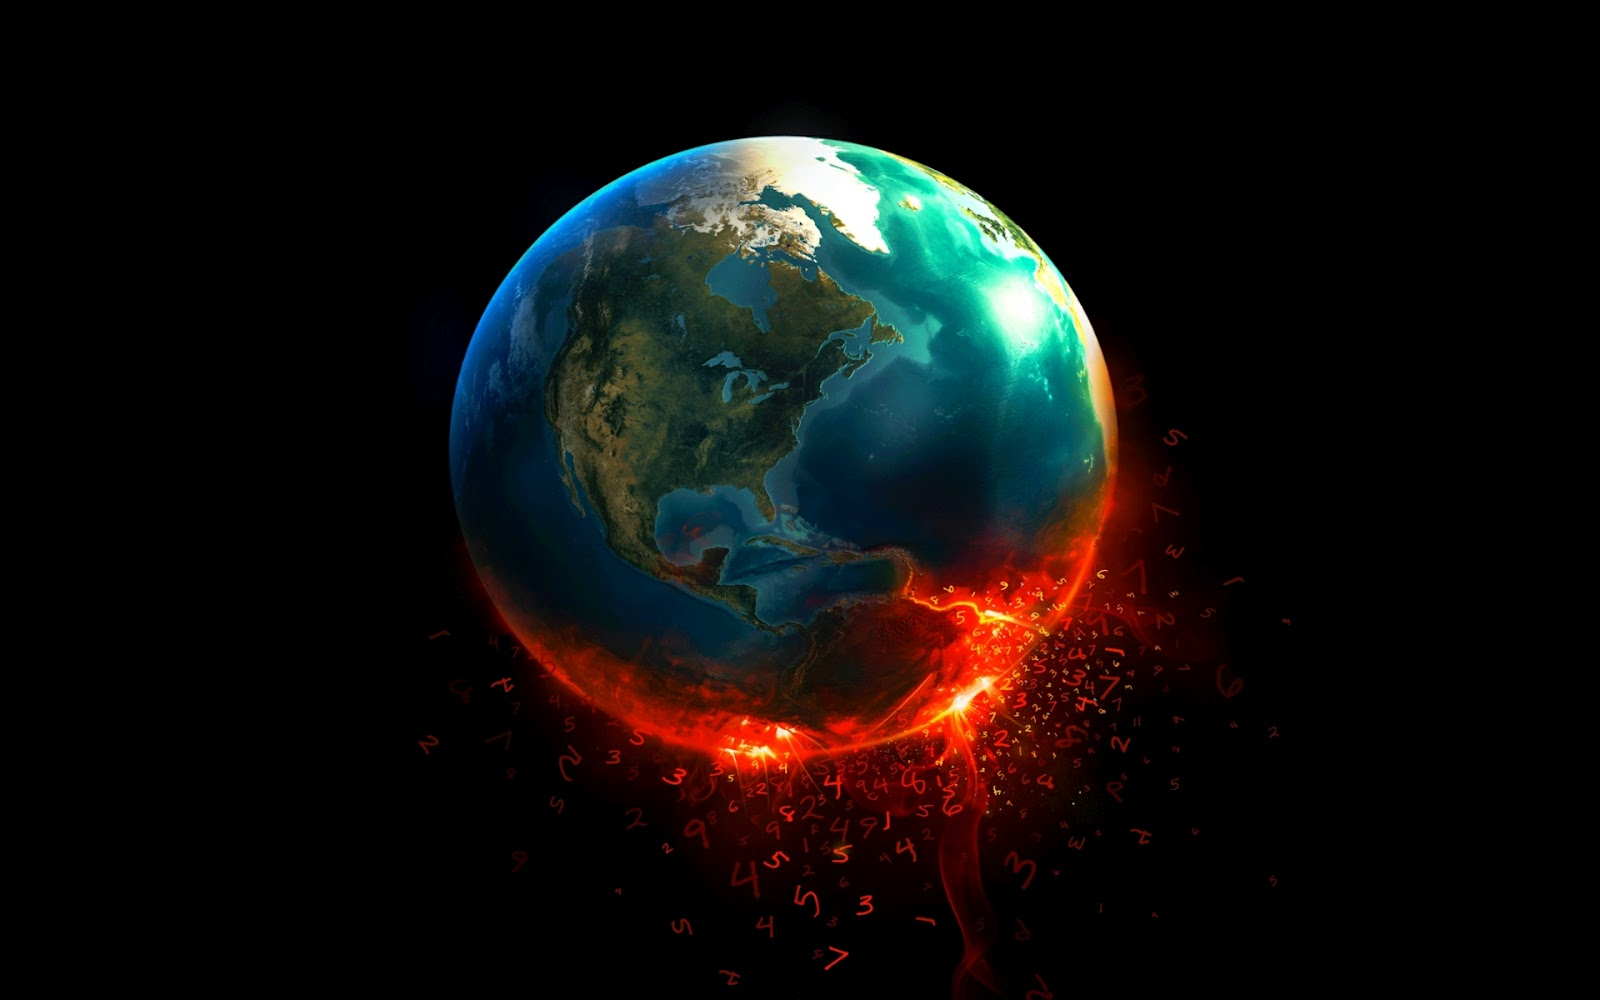 De burcht sion nieuwe maya ontdekking de wereld vergaat niet in 2012 - Einde van de wereld meubilair ...